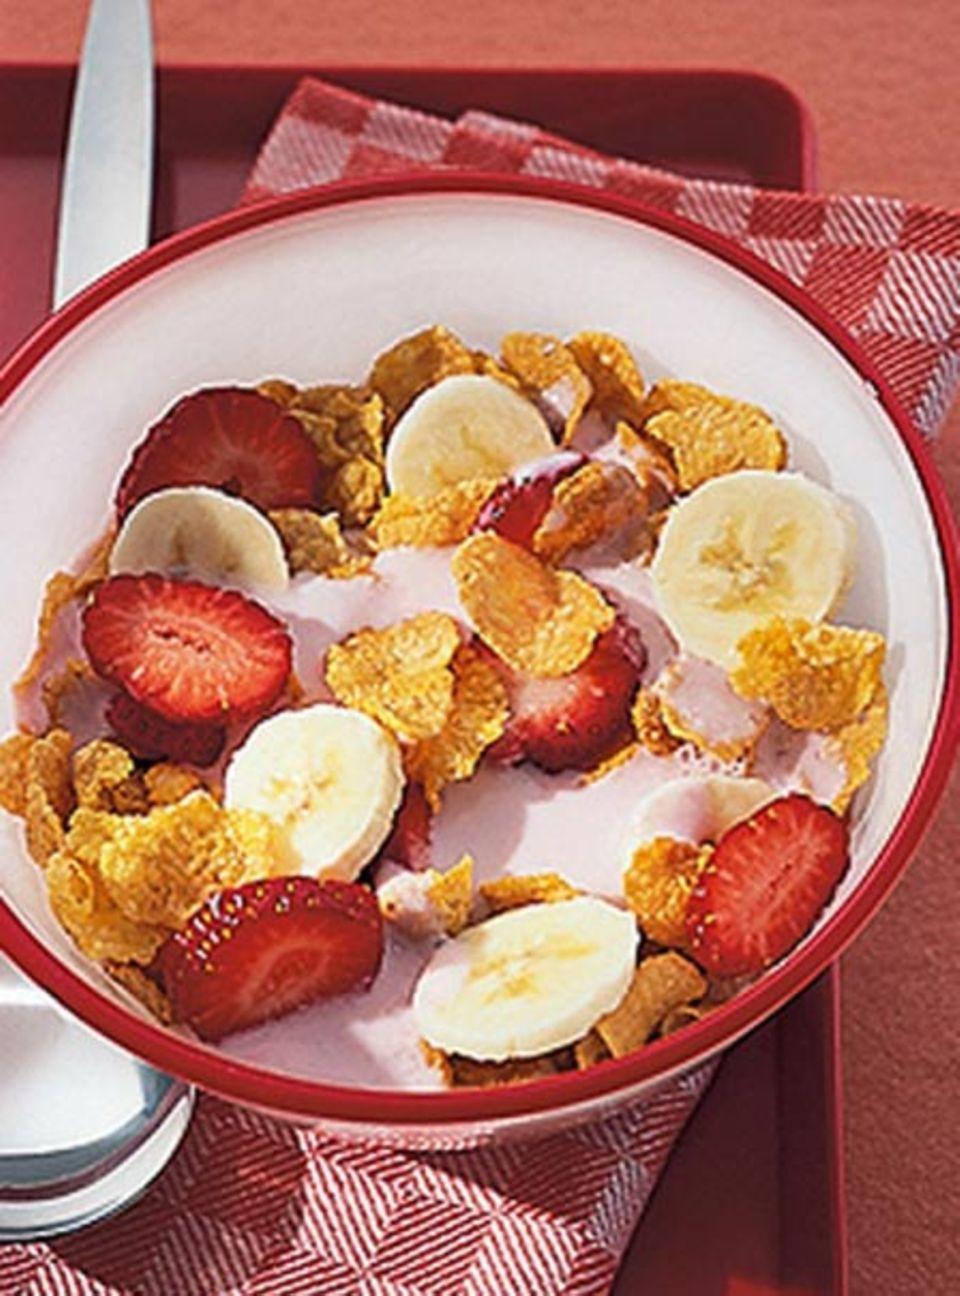 Beliebtes Frühstück: Cornflakes